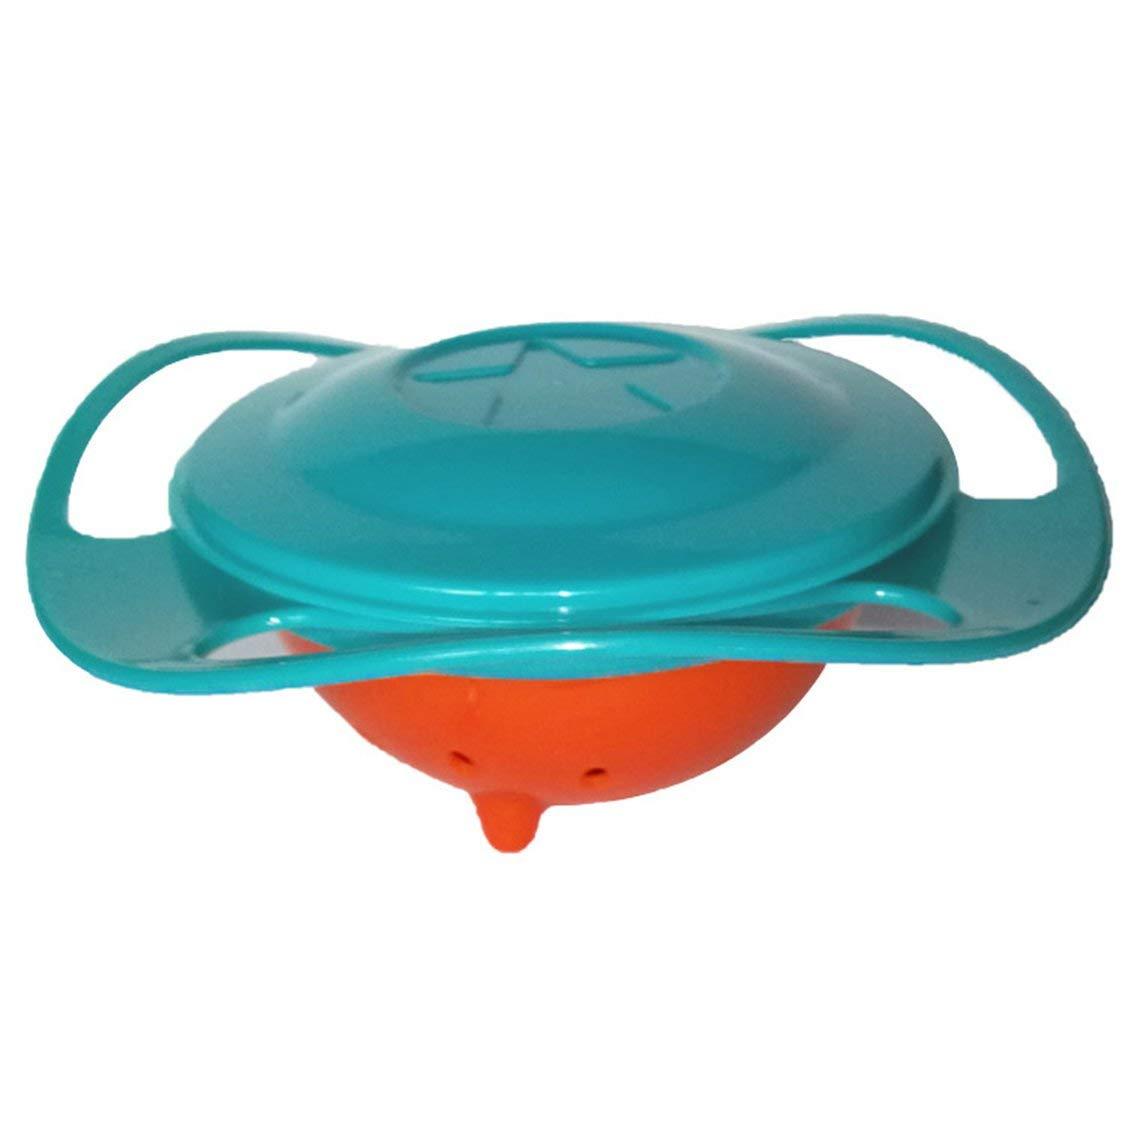 Juguete de alimentaci/ón para beb/és Tazones Platos Rotate 360 Tecnolog/ía Regalo divertido Accesorios para beb/és Aprendizaje para beb/és Entrenamiento Vajilla Seguro y protegido